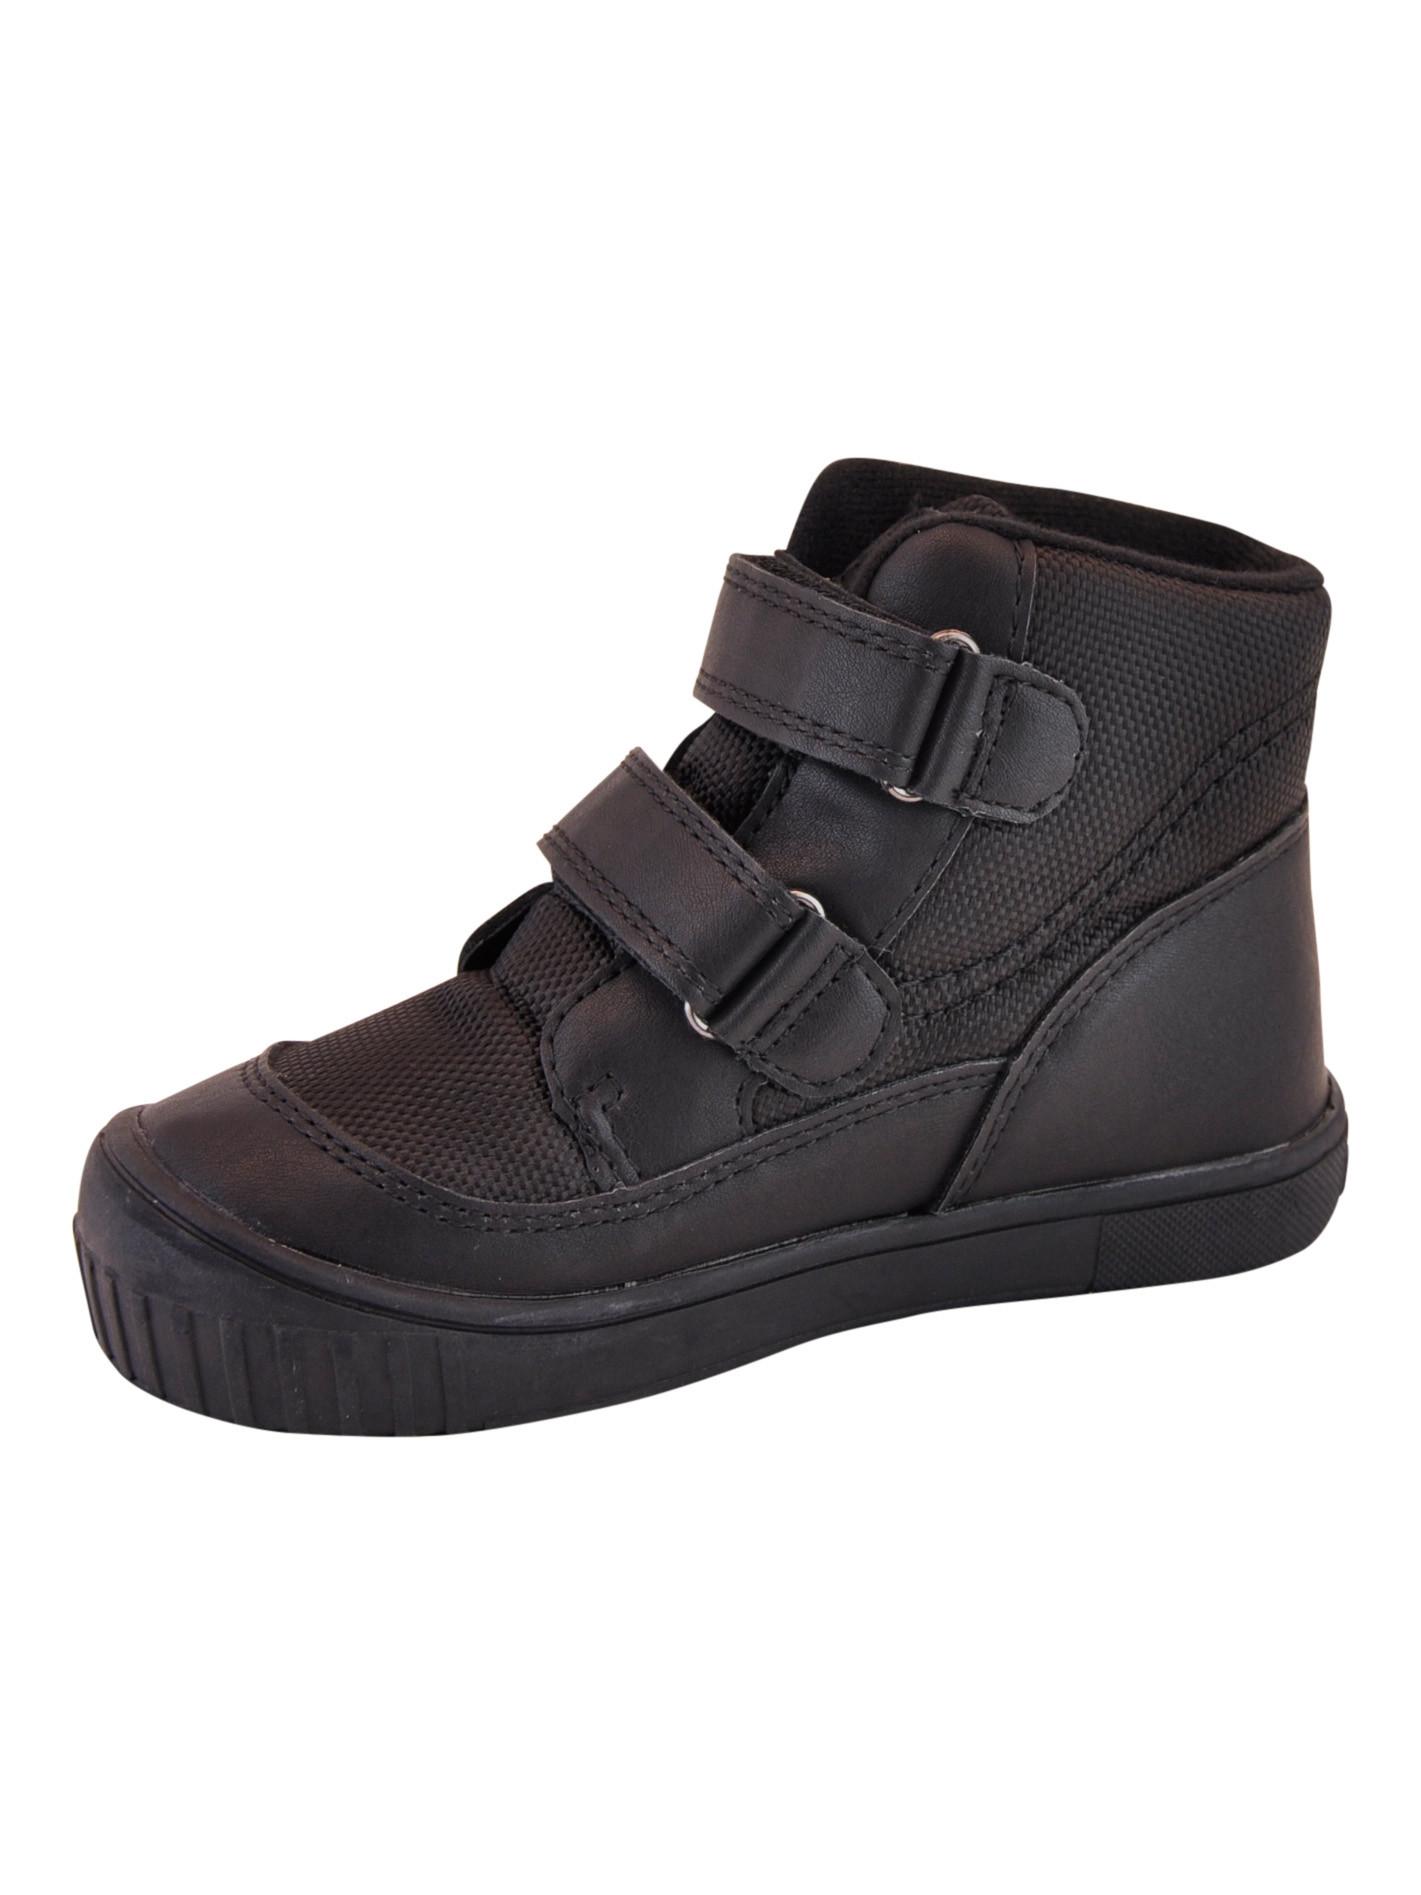 Bundgaard BG303061-Black